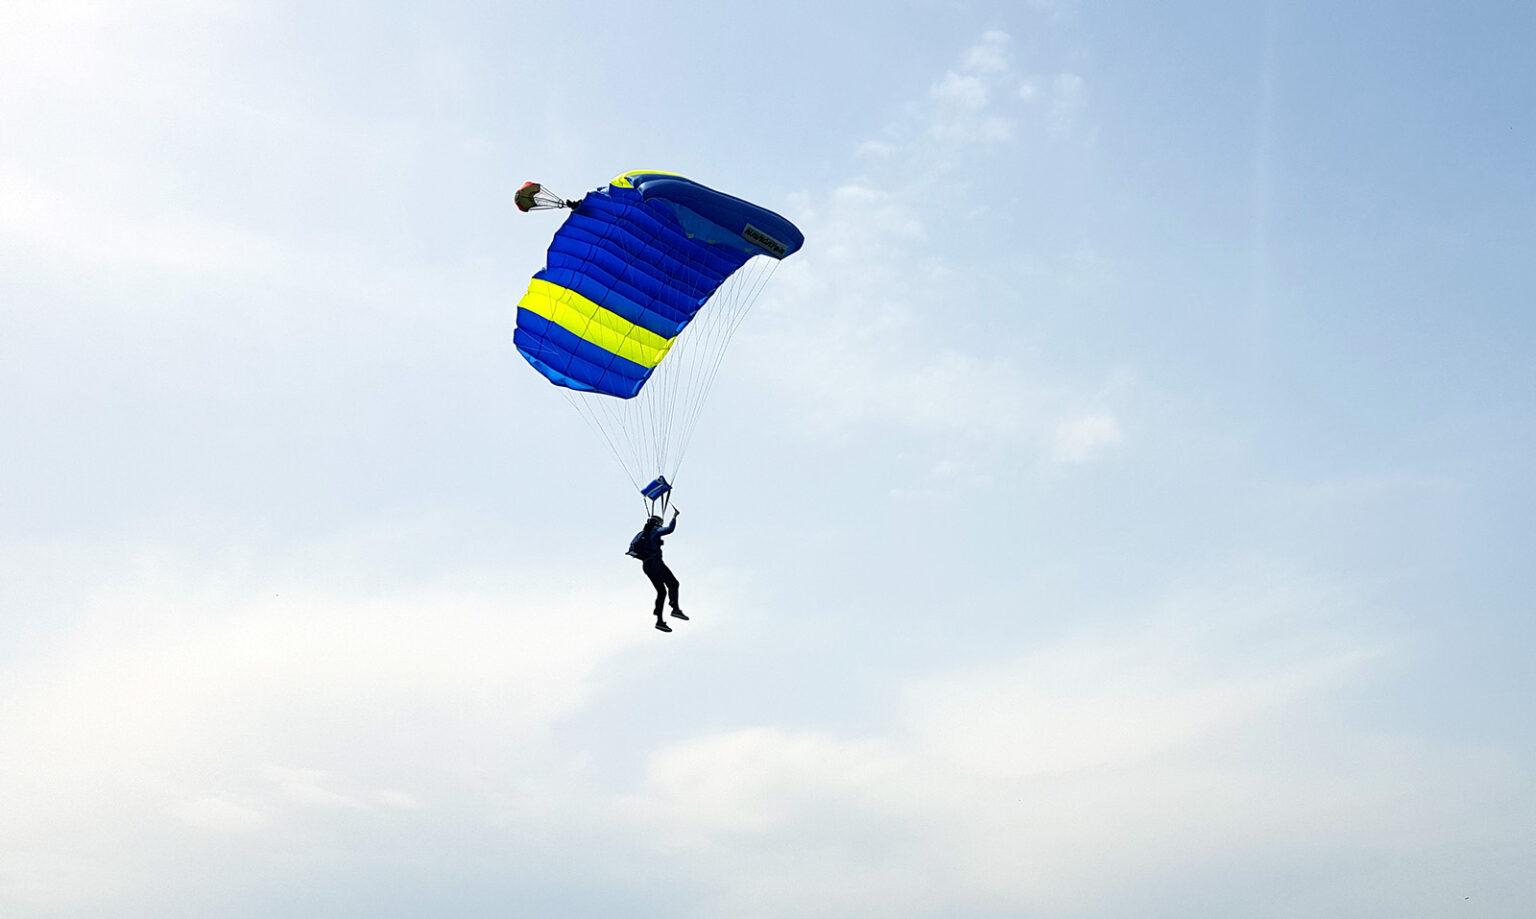 PLavo žuta kupola2, skydiving tandem group, aeroklub tandem, skok padobranom škola padobranstva, Zagreb, split, hvar